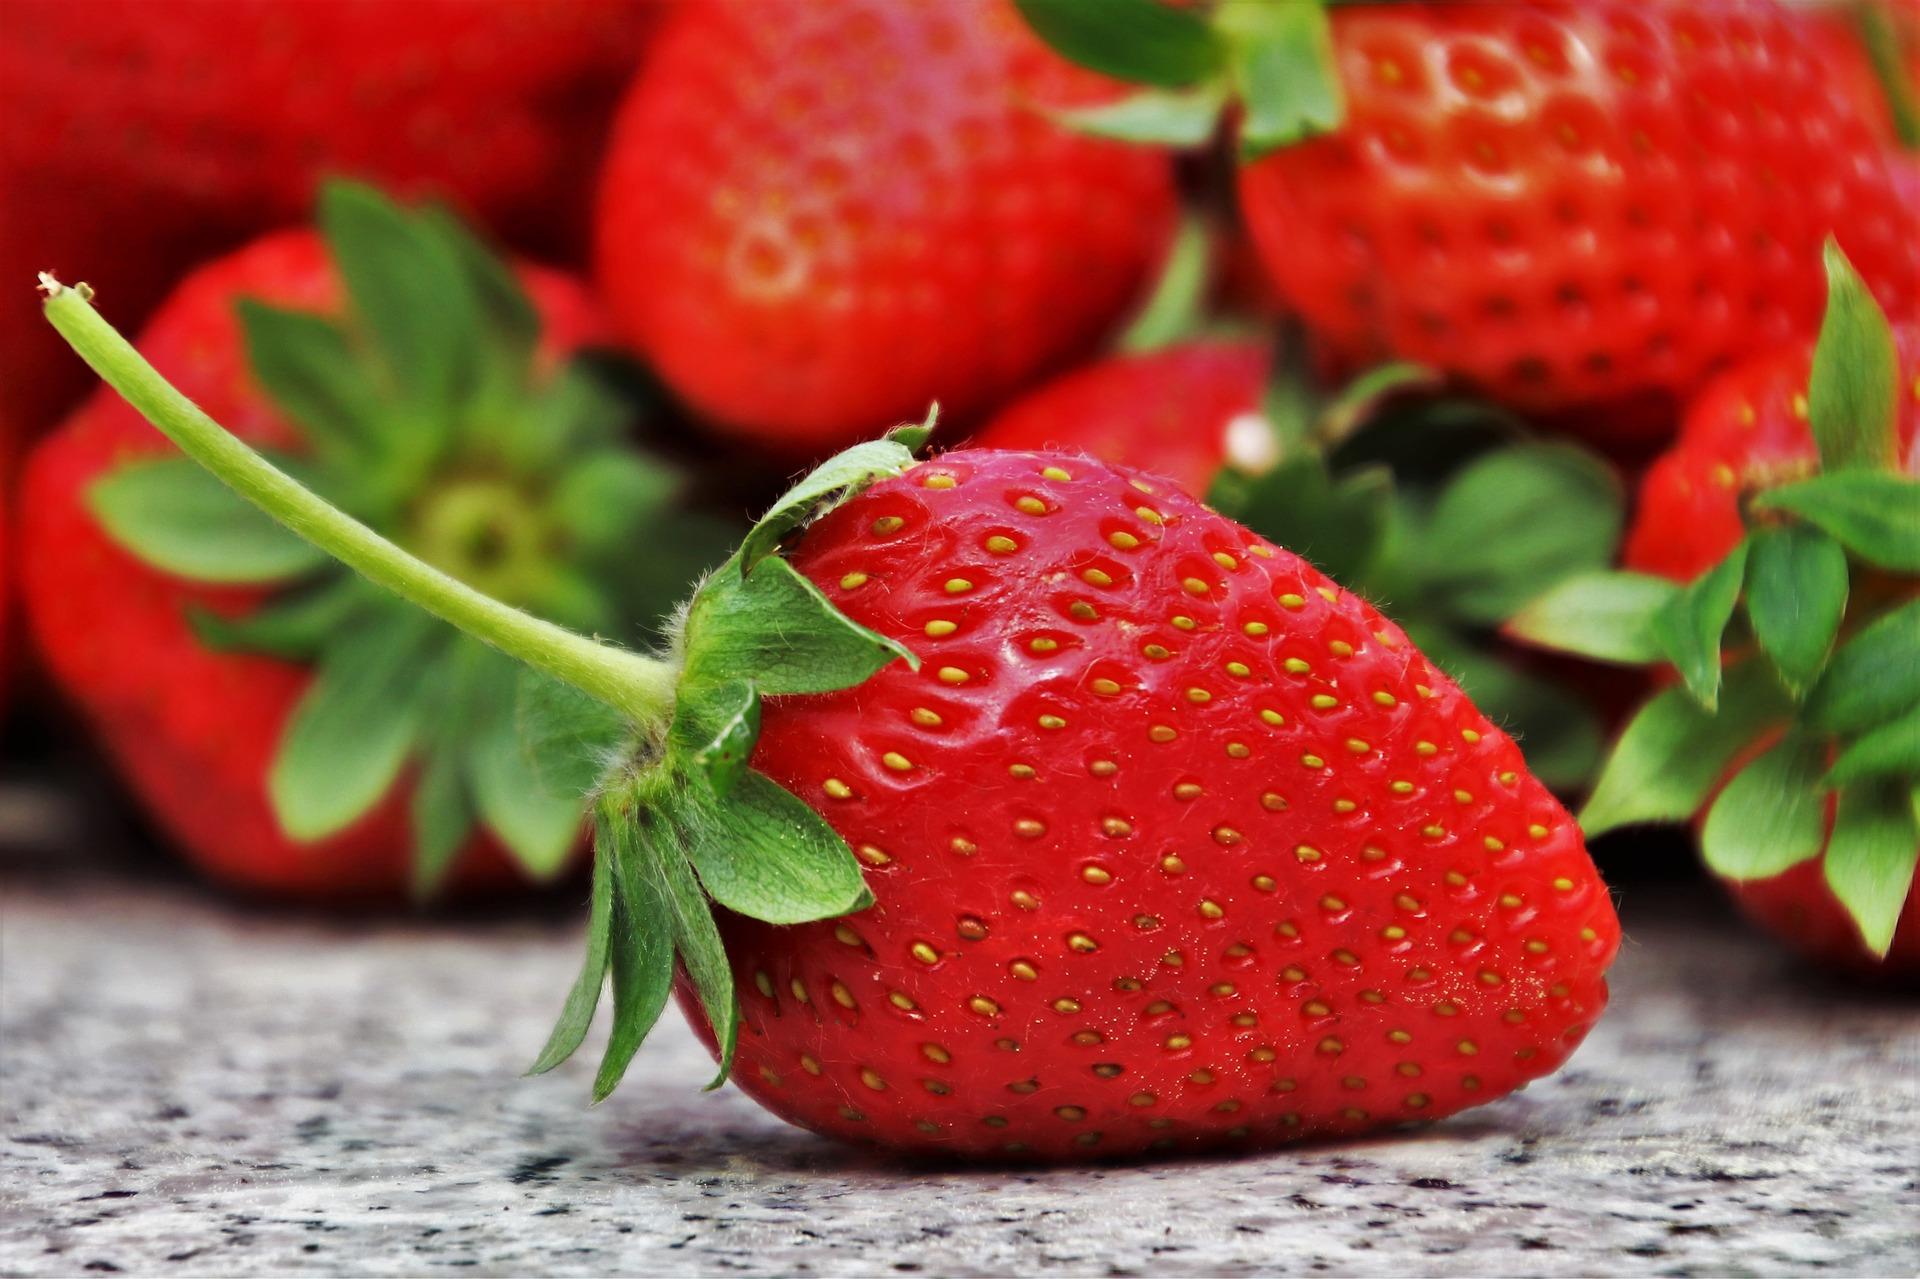 Ceny truskawek w przetwórstwie niższe niż przed rokiem